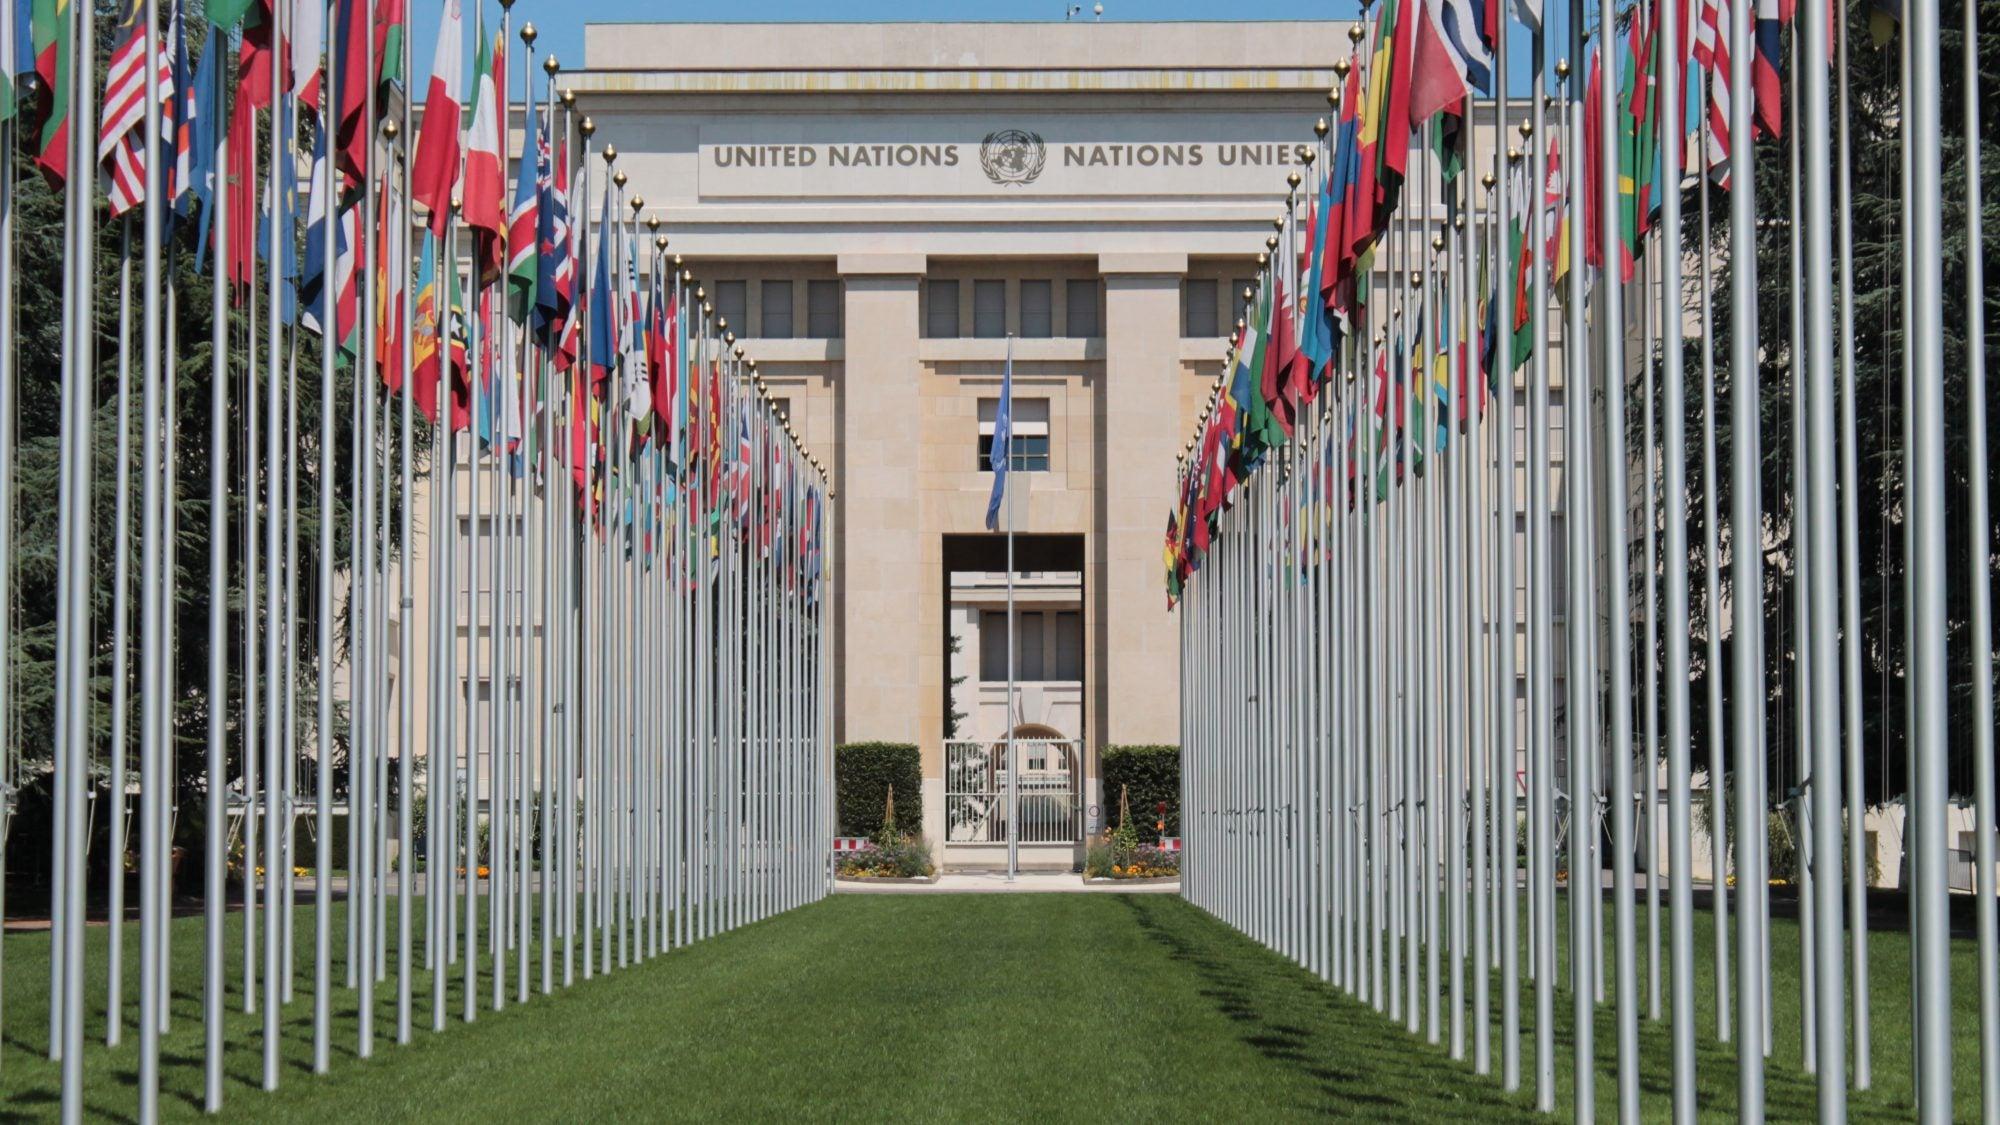 United Nations Headquarters in Geneva